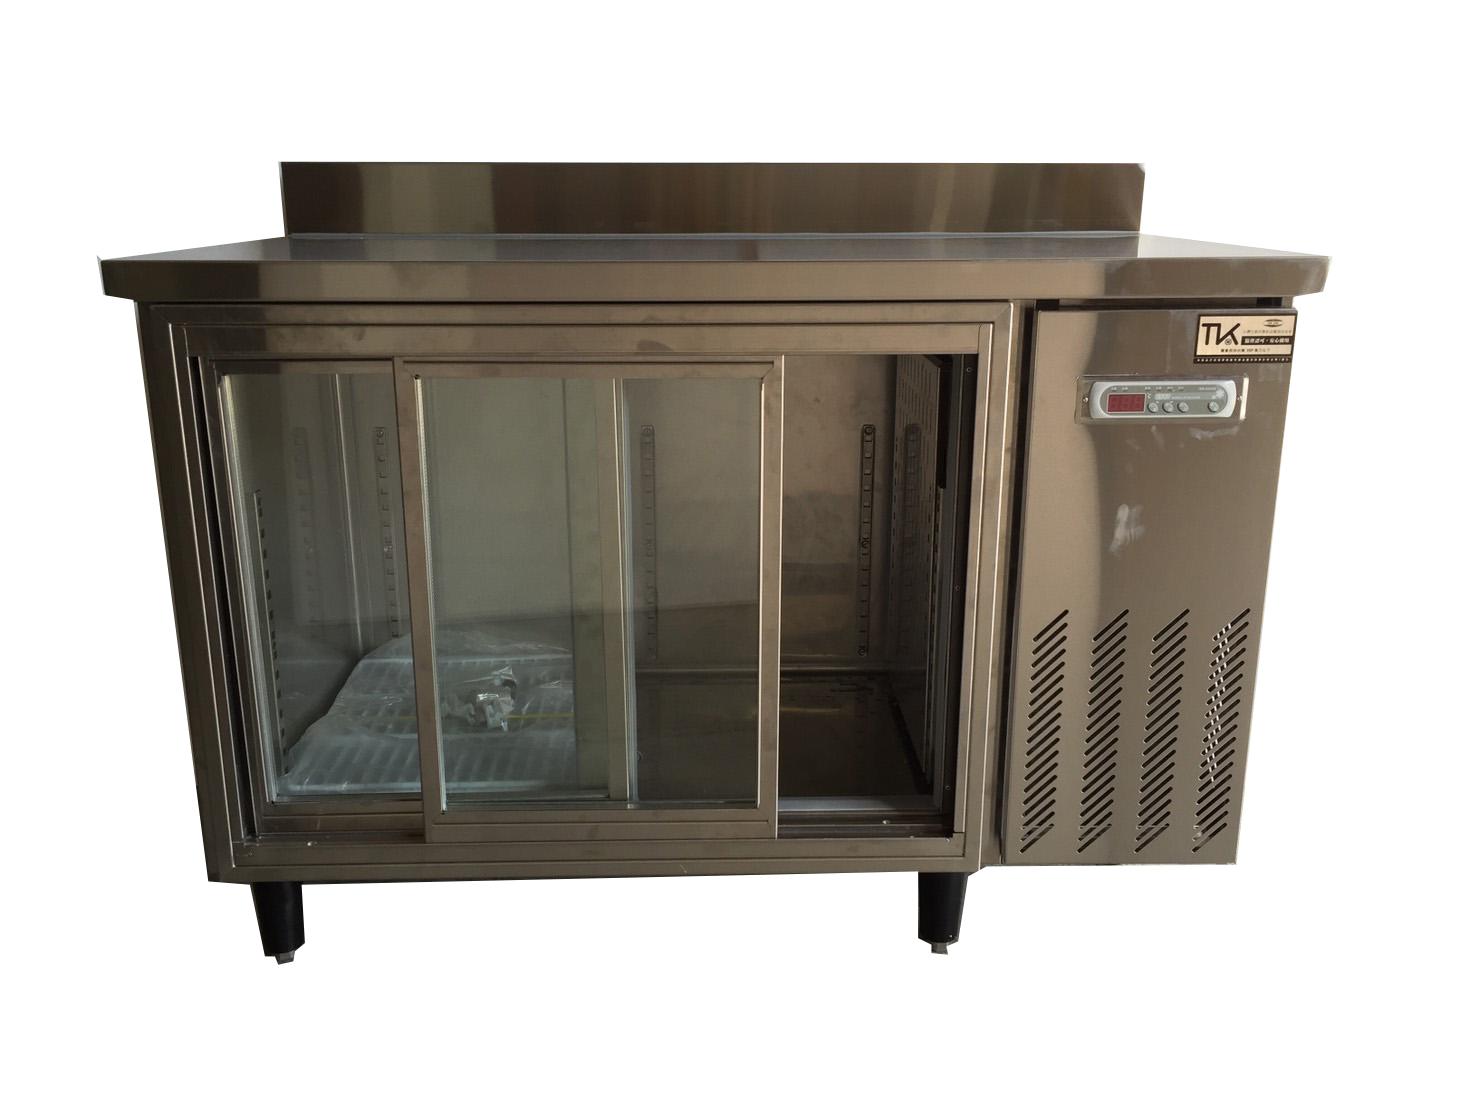 臥式展示無霜推門式冷藏櫃3.png